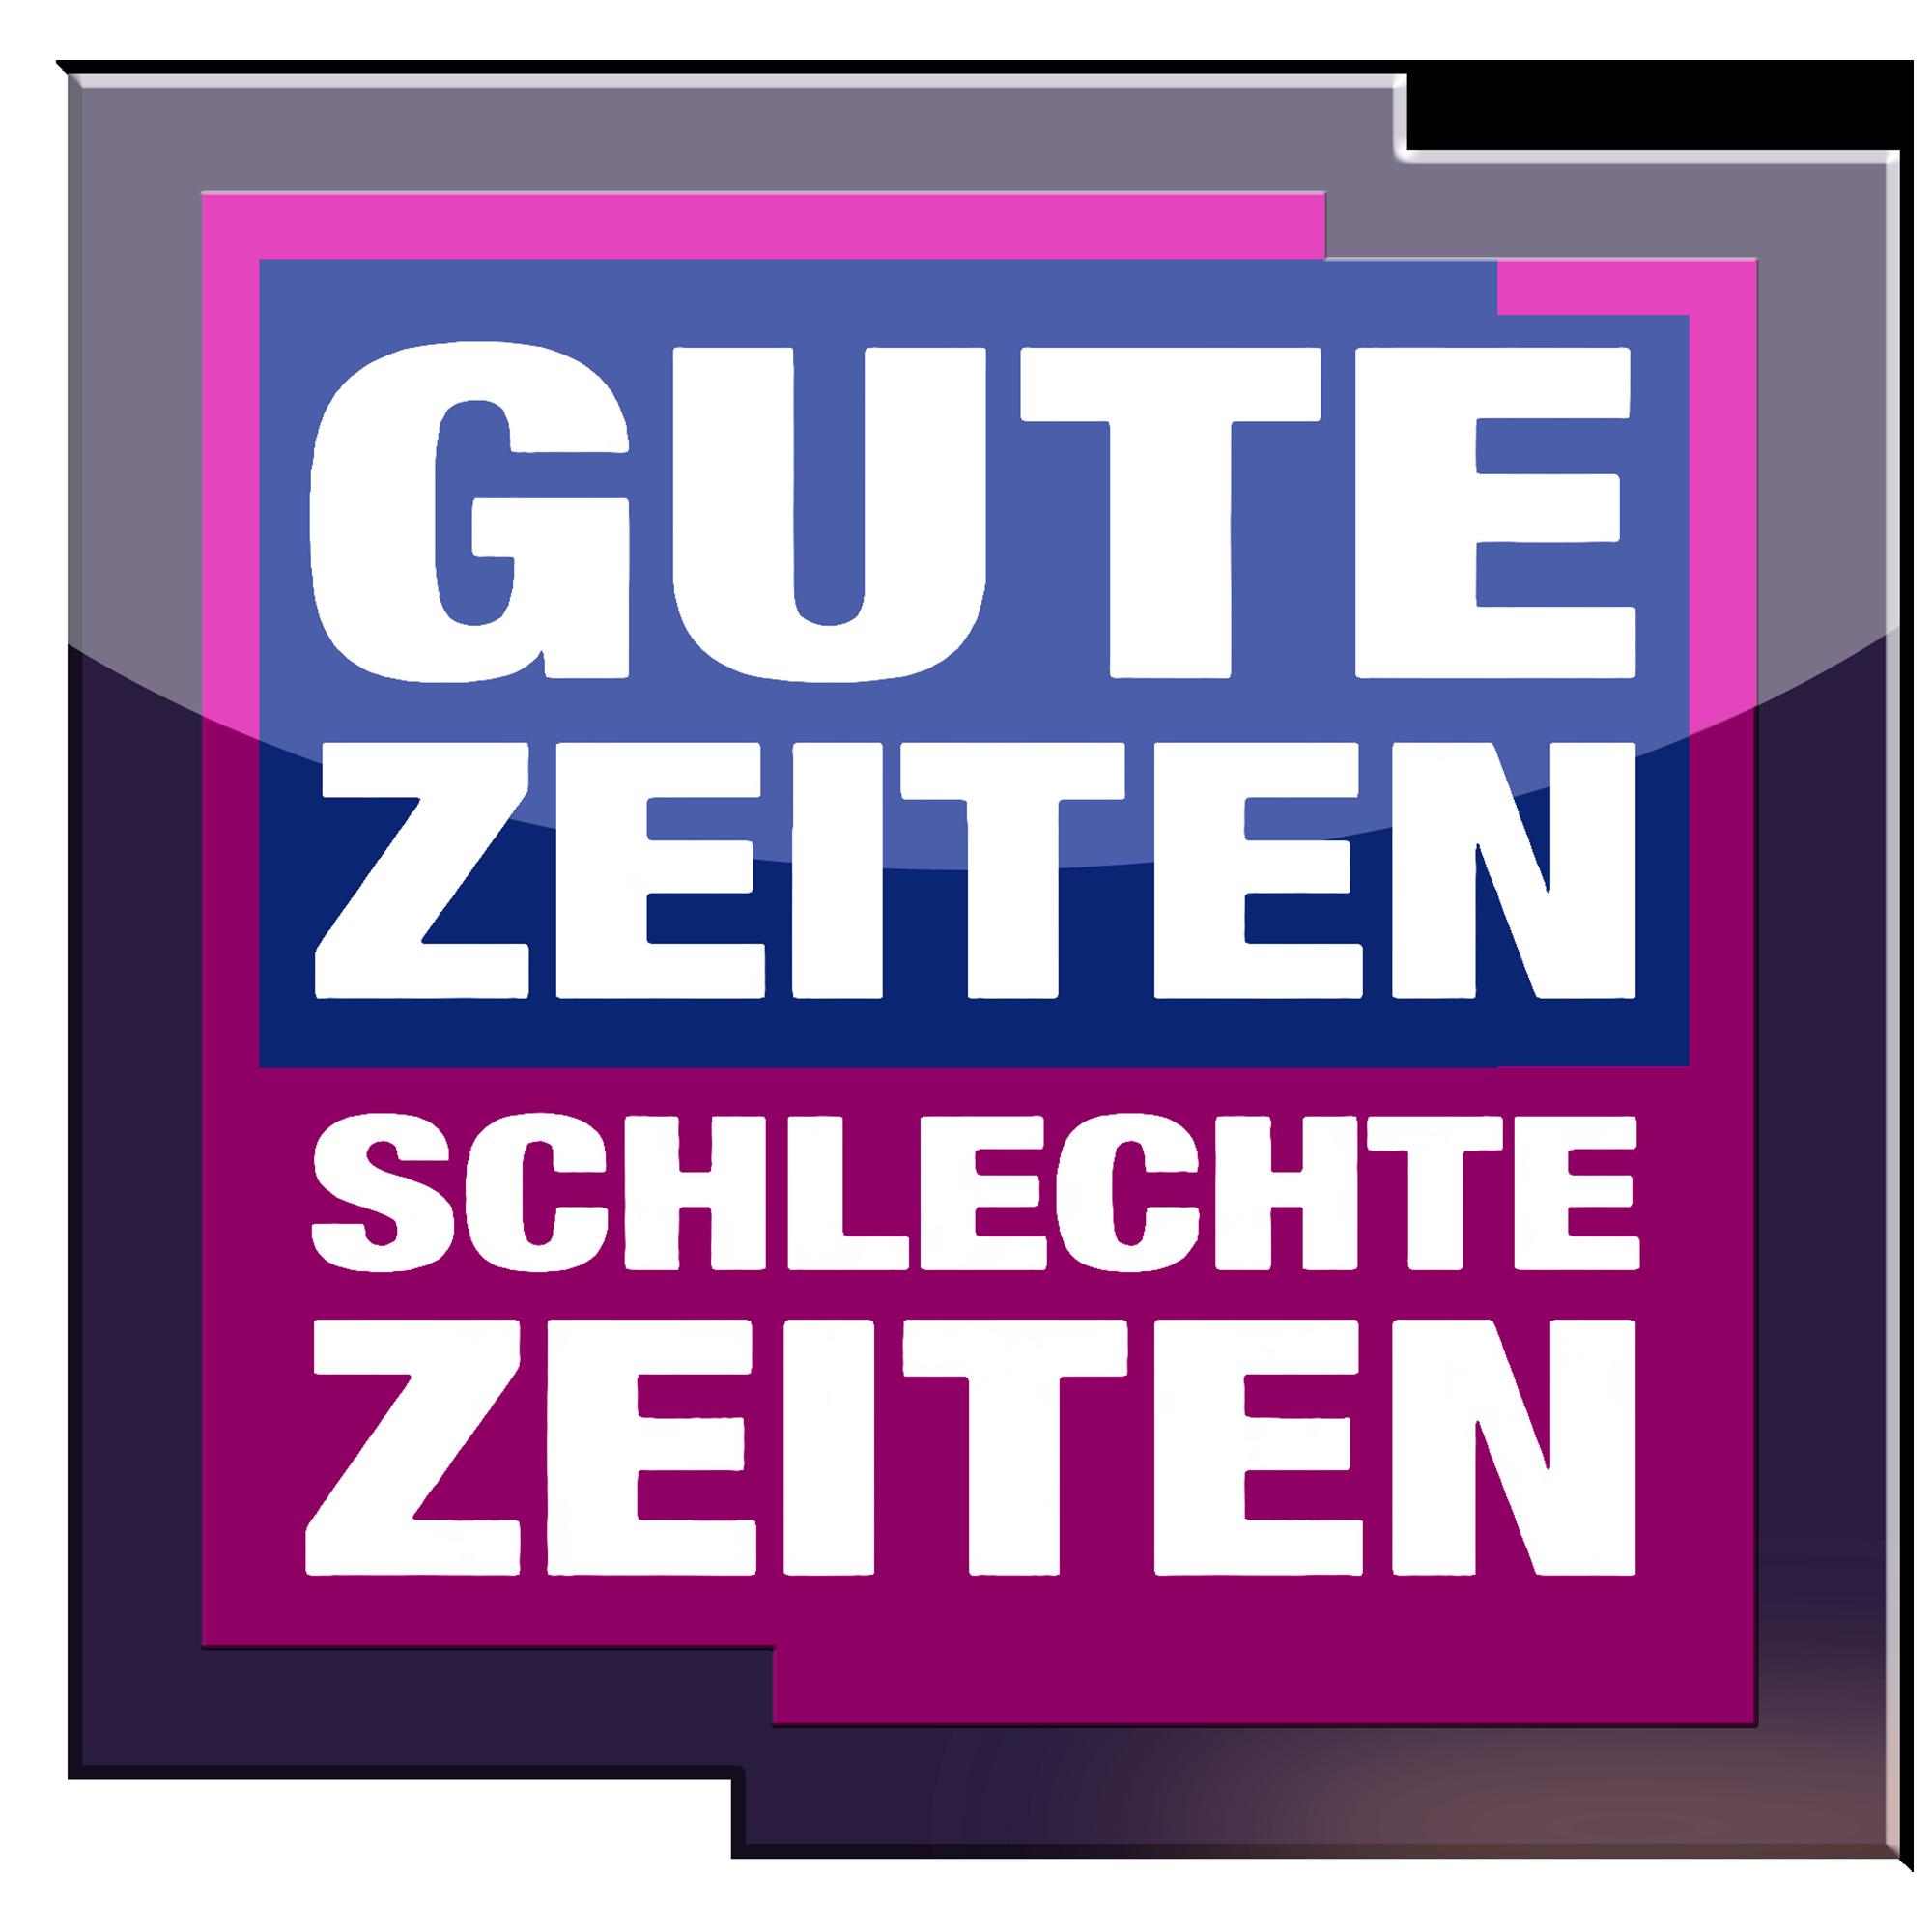 The logo of the TV show Gute Zeiten Schlechte Zeiten